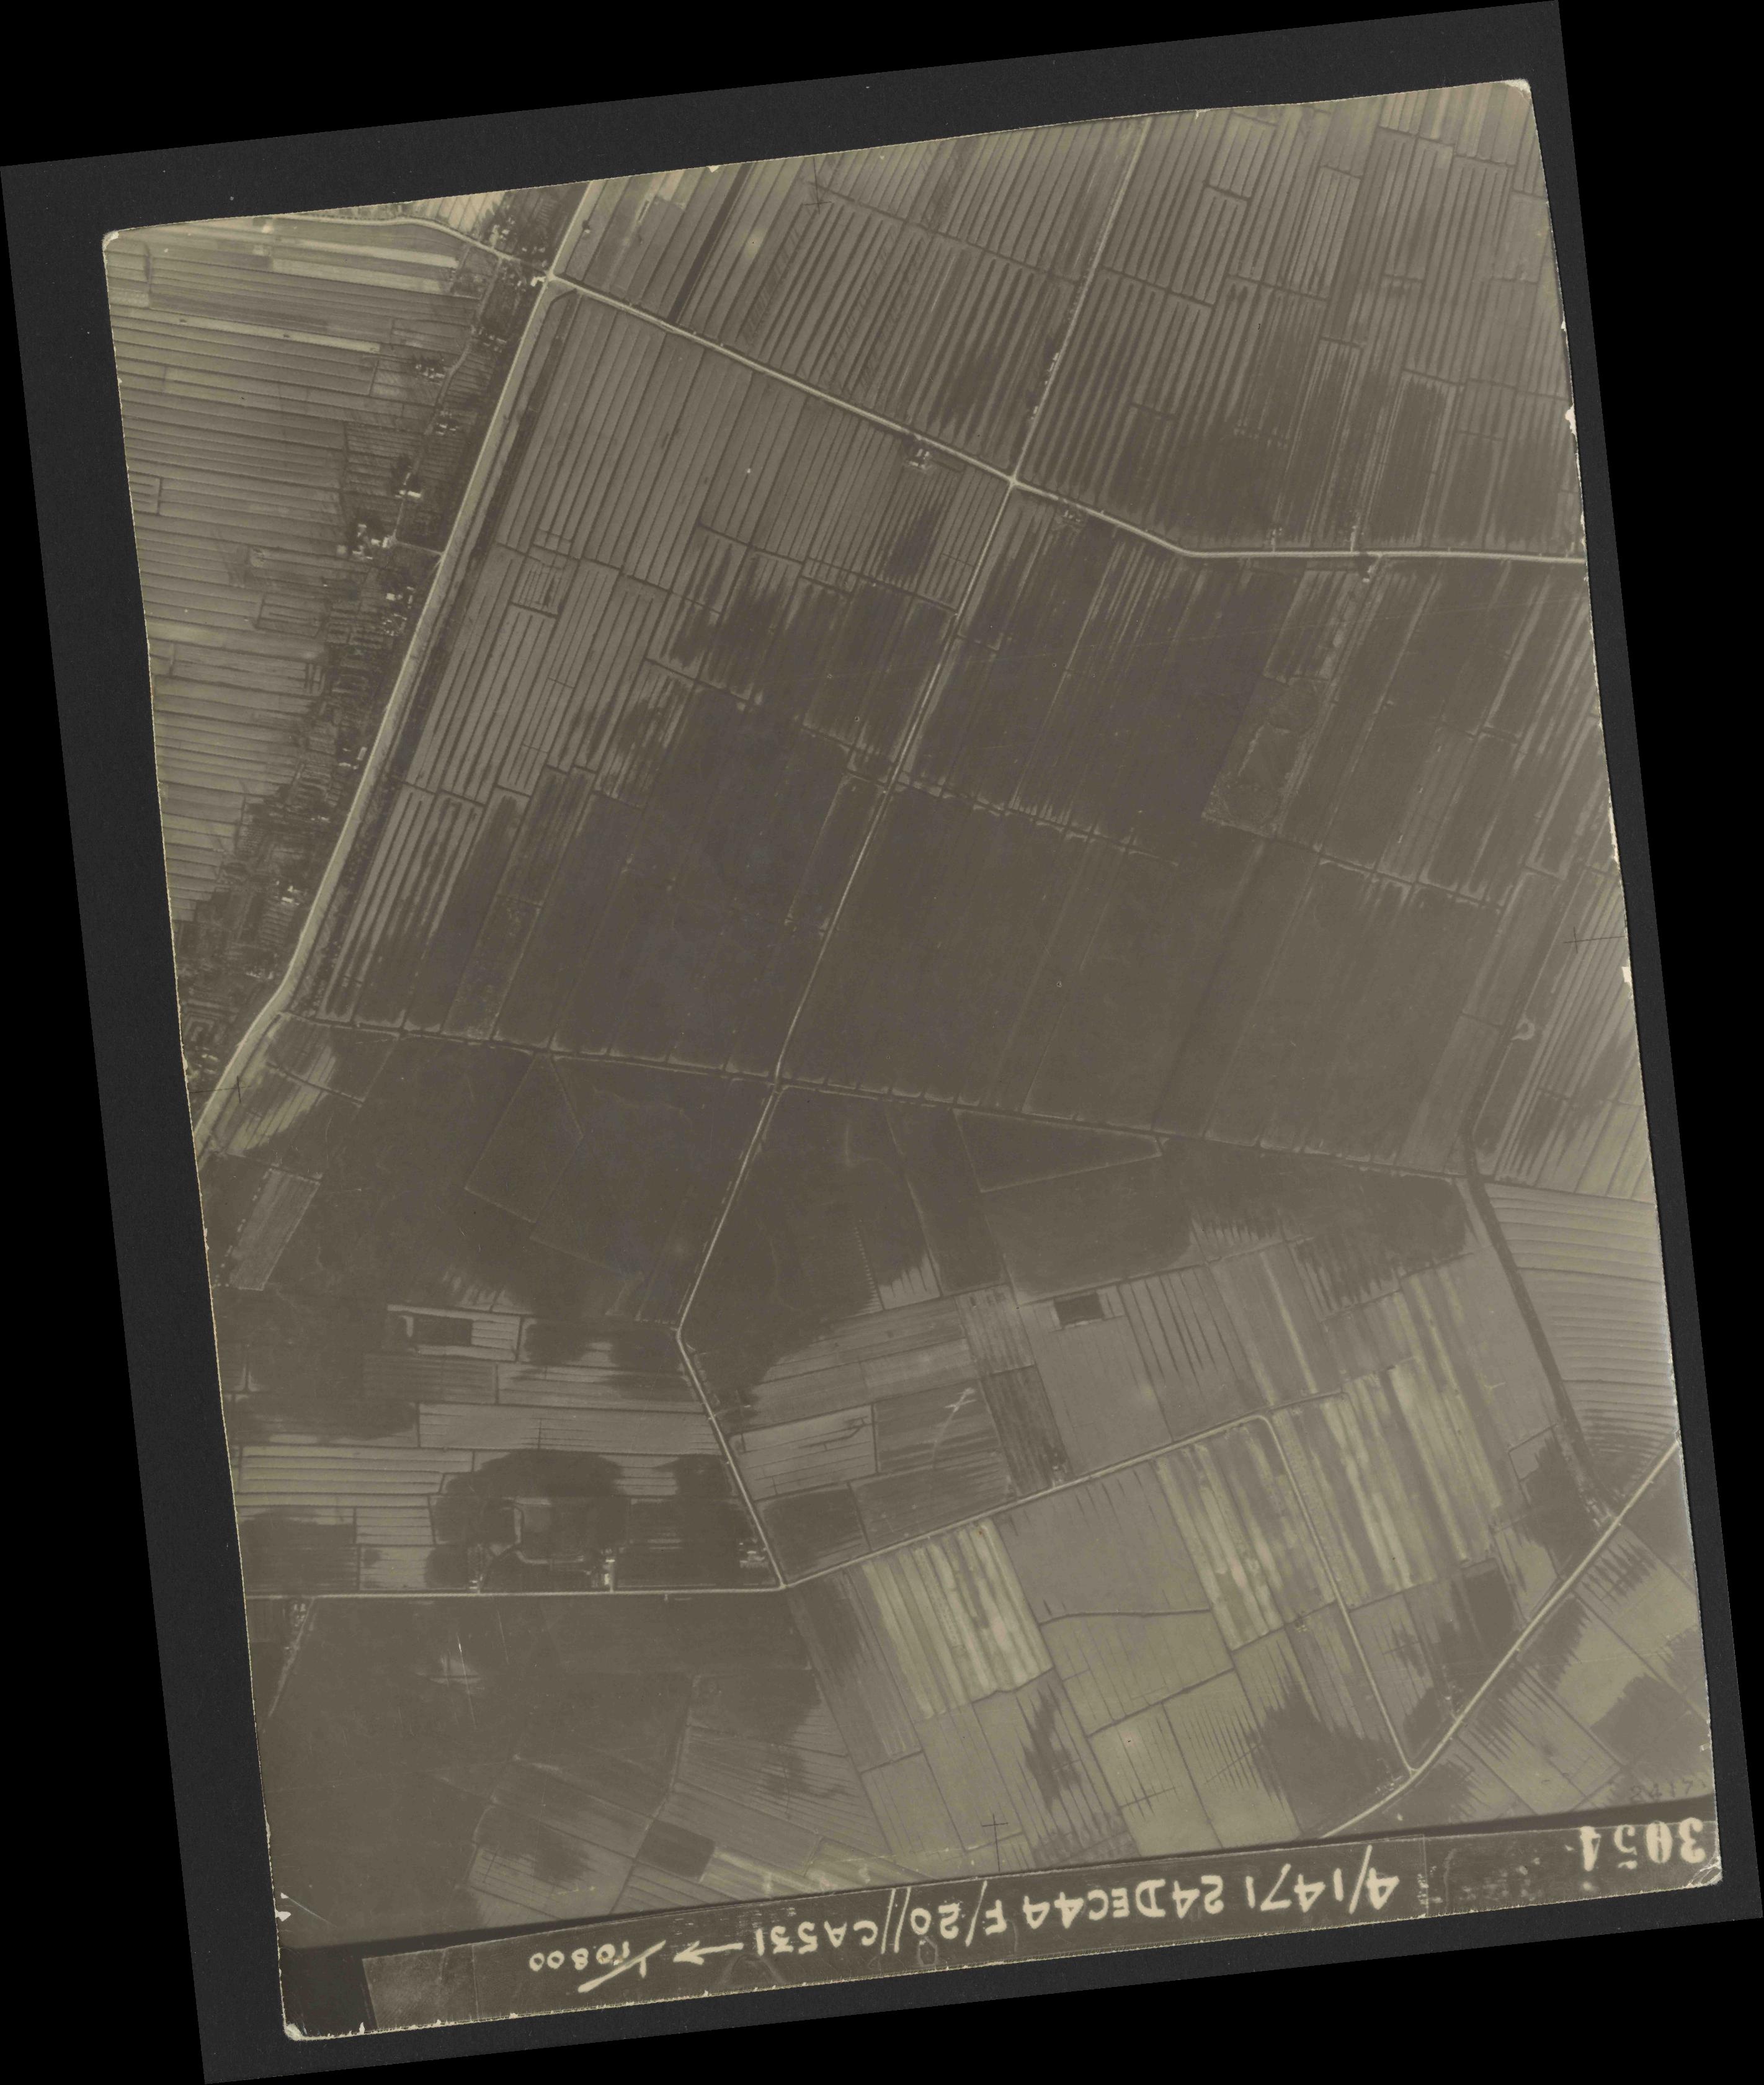 Collection RAF aerial photos 1940-1945 - flight 125, run 06, photo 3054